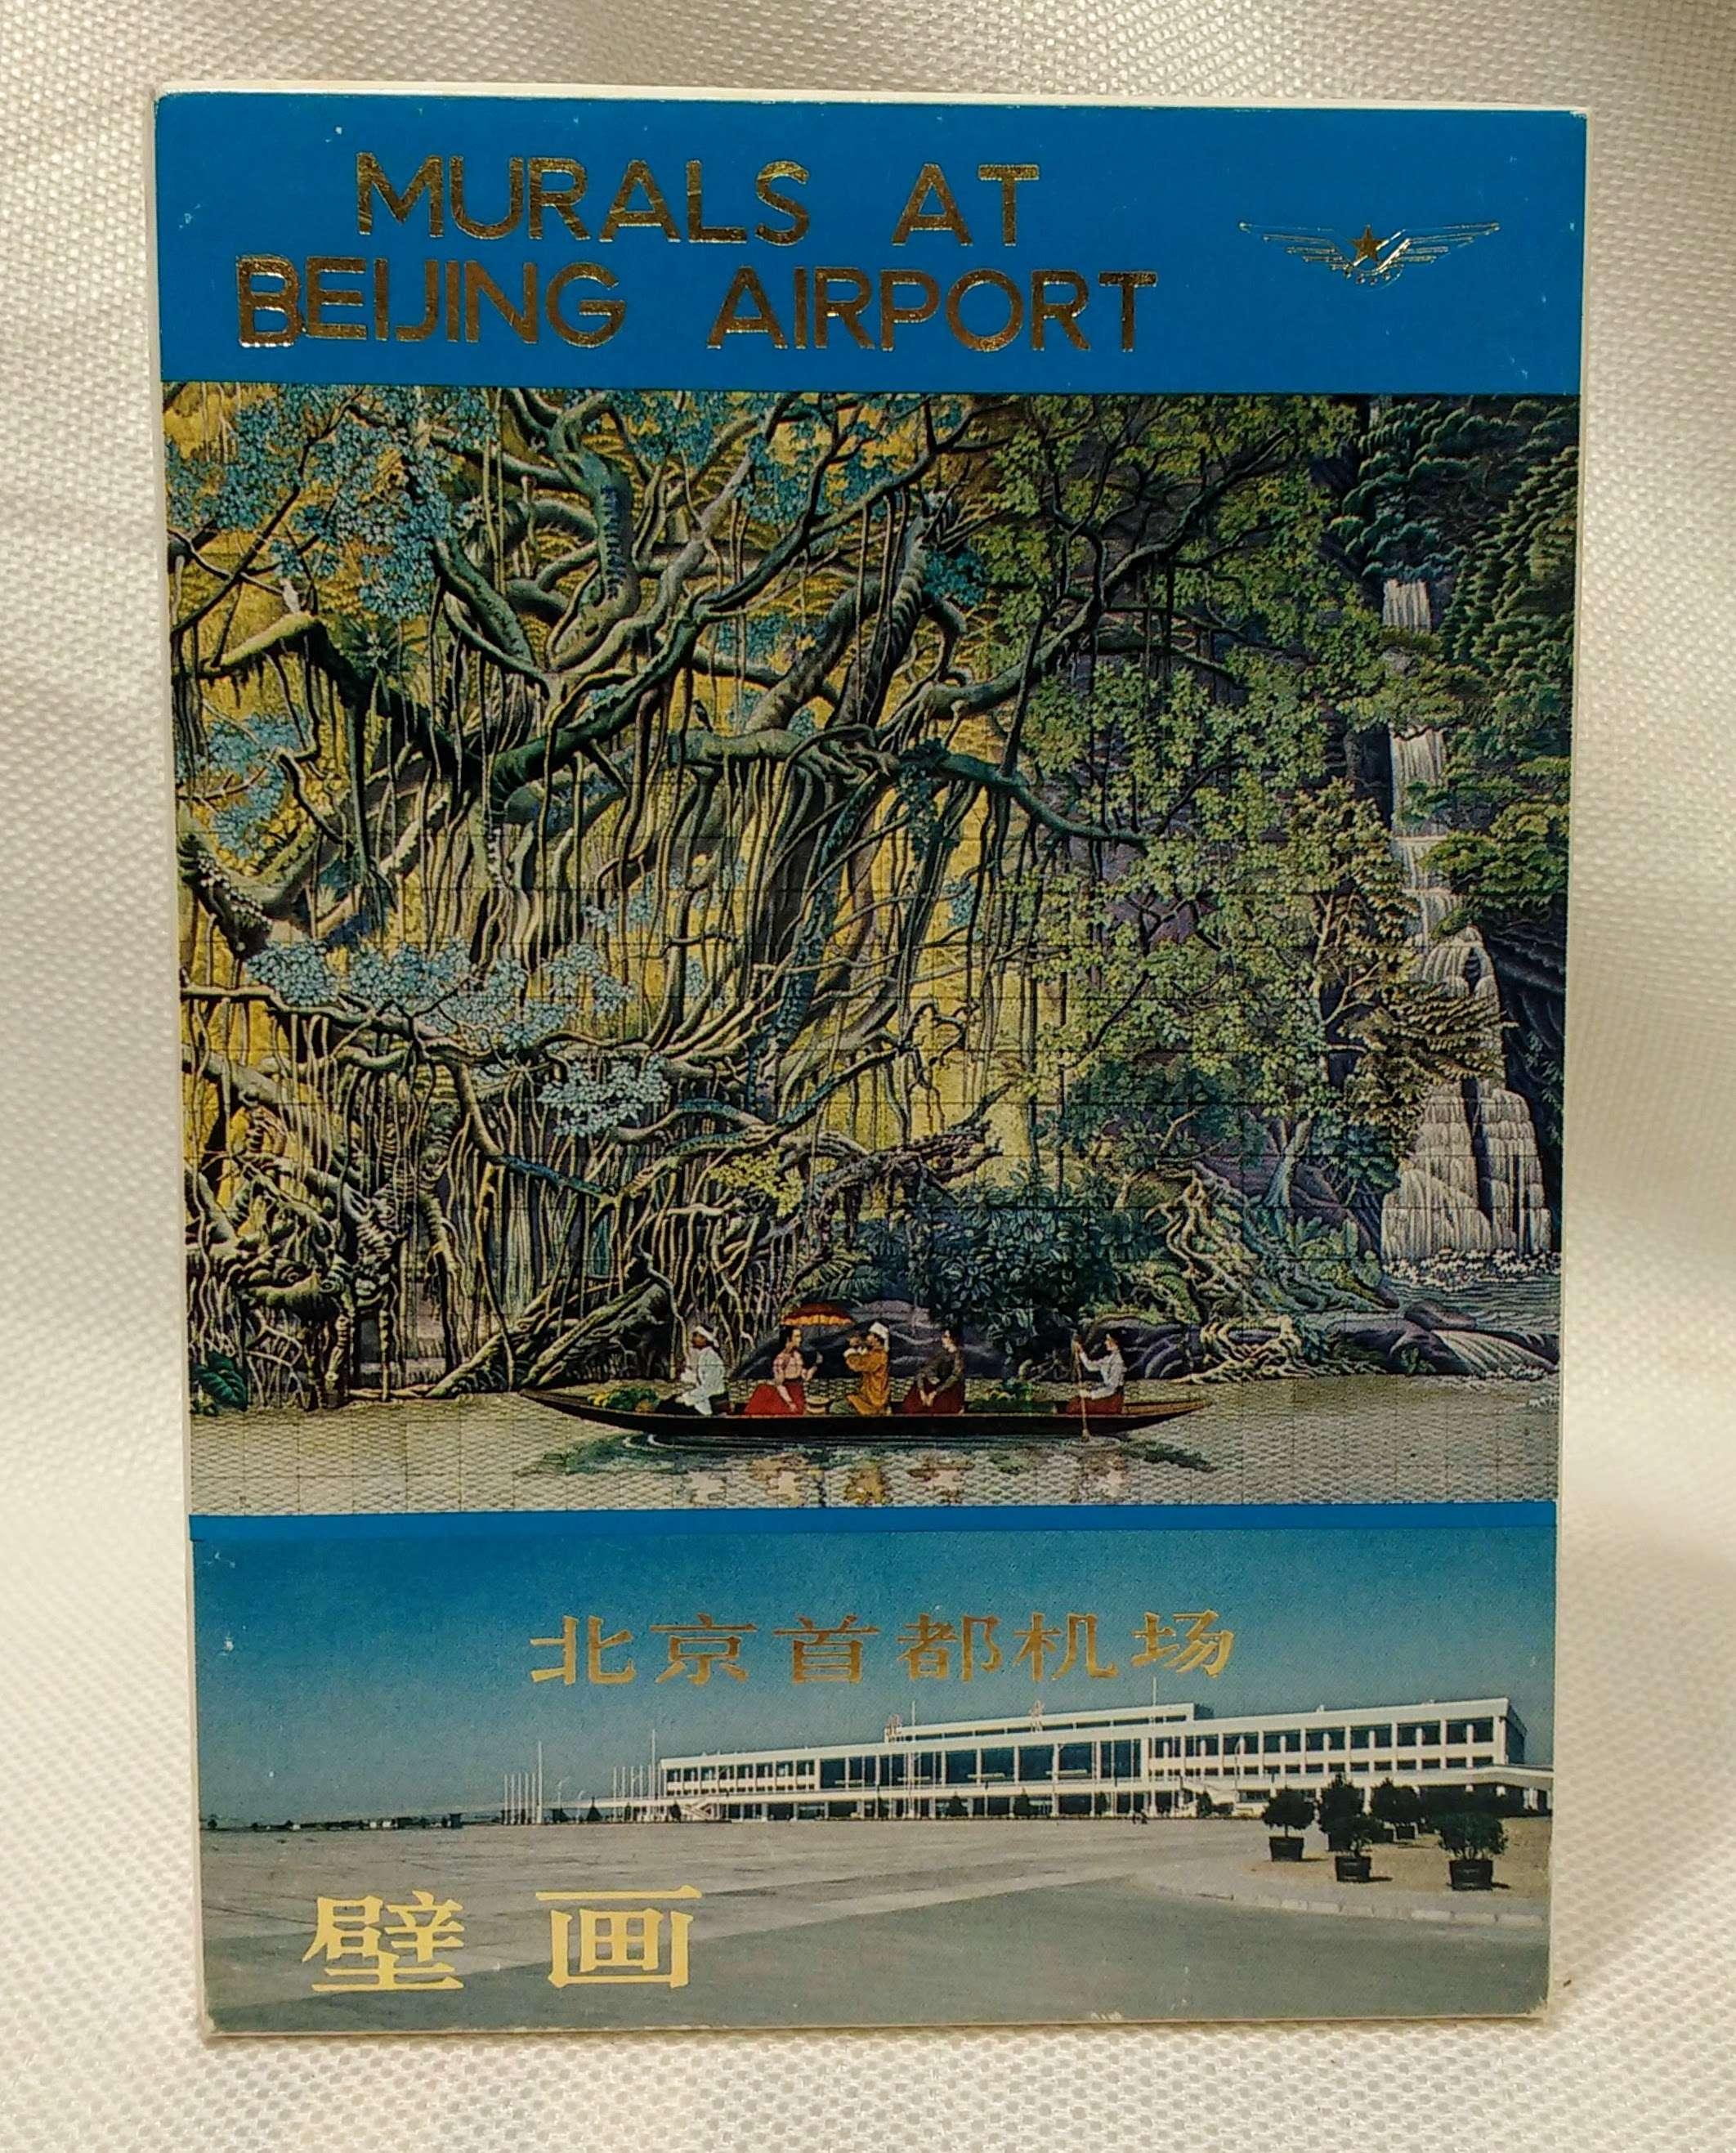 Murals At Beijing Airport, PEOPLE'S REPUBLIC CHINA; LI JUAJI, ZHENGHUAN, ZHANG CHONGKANG, XIAO HUIXIANG, ZHANG GUOFAN, SHI YUREN, YUAN YUNPU, ZHANG TING [Illustrator]